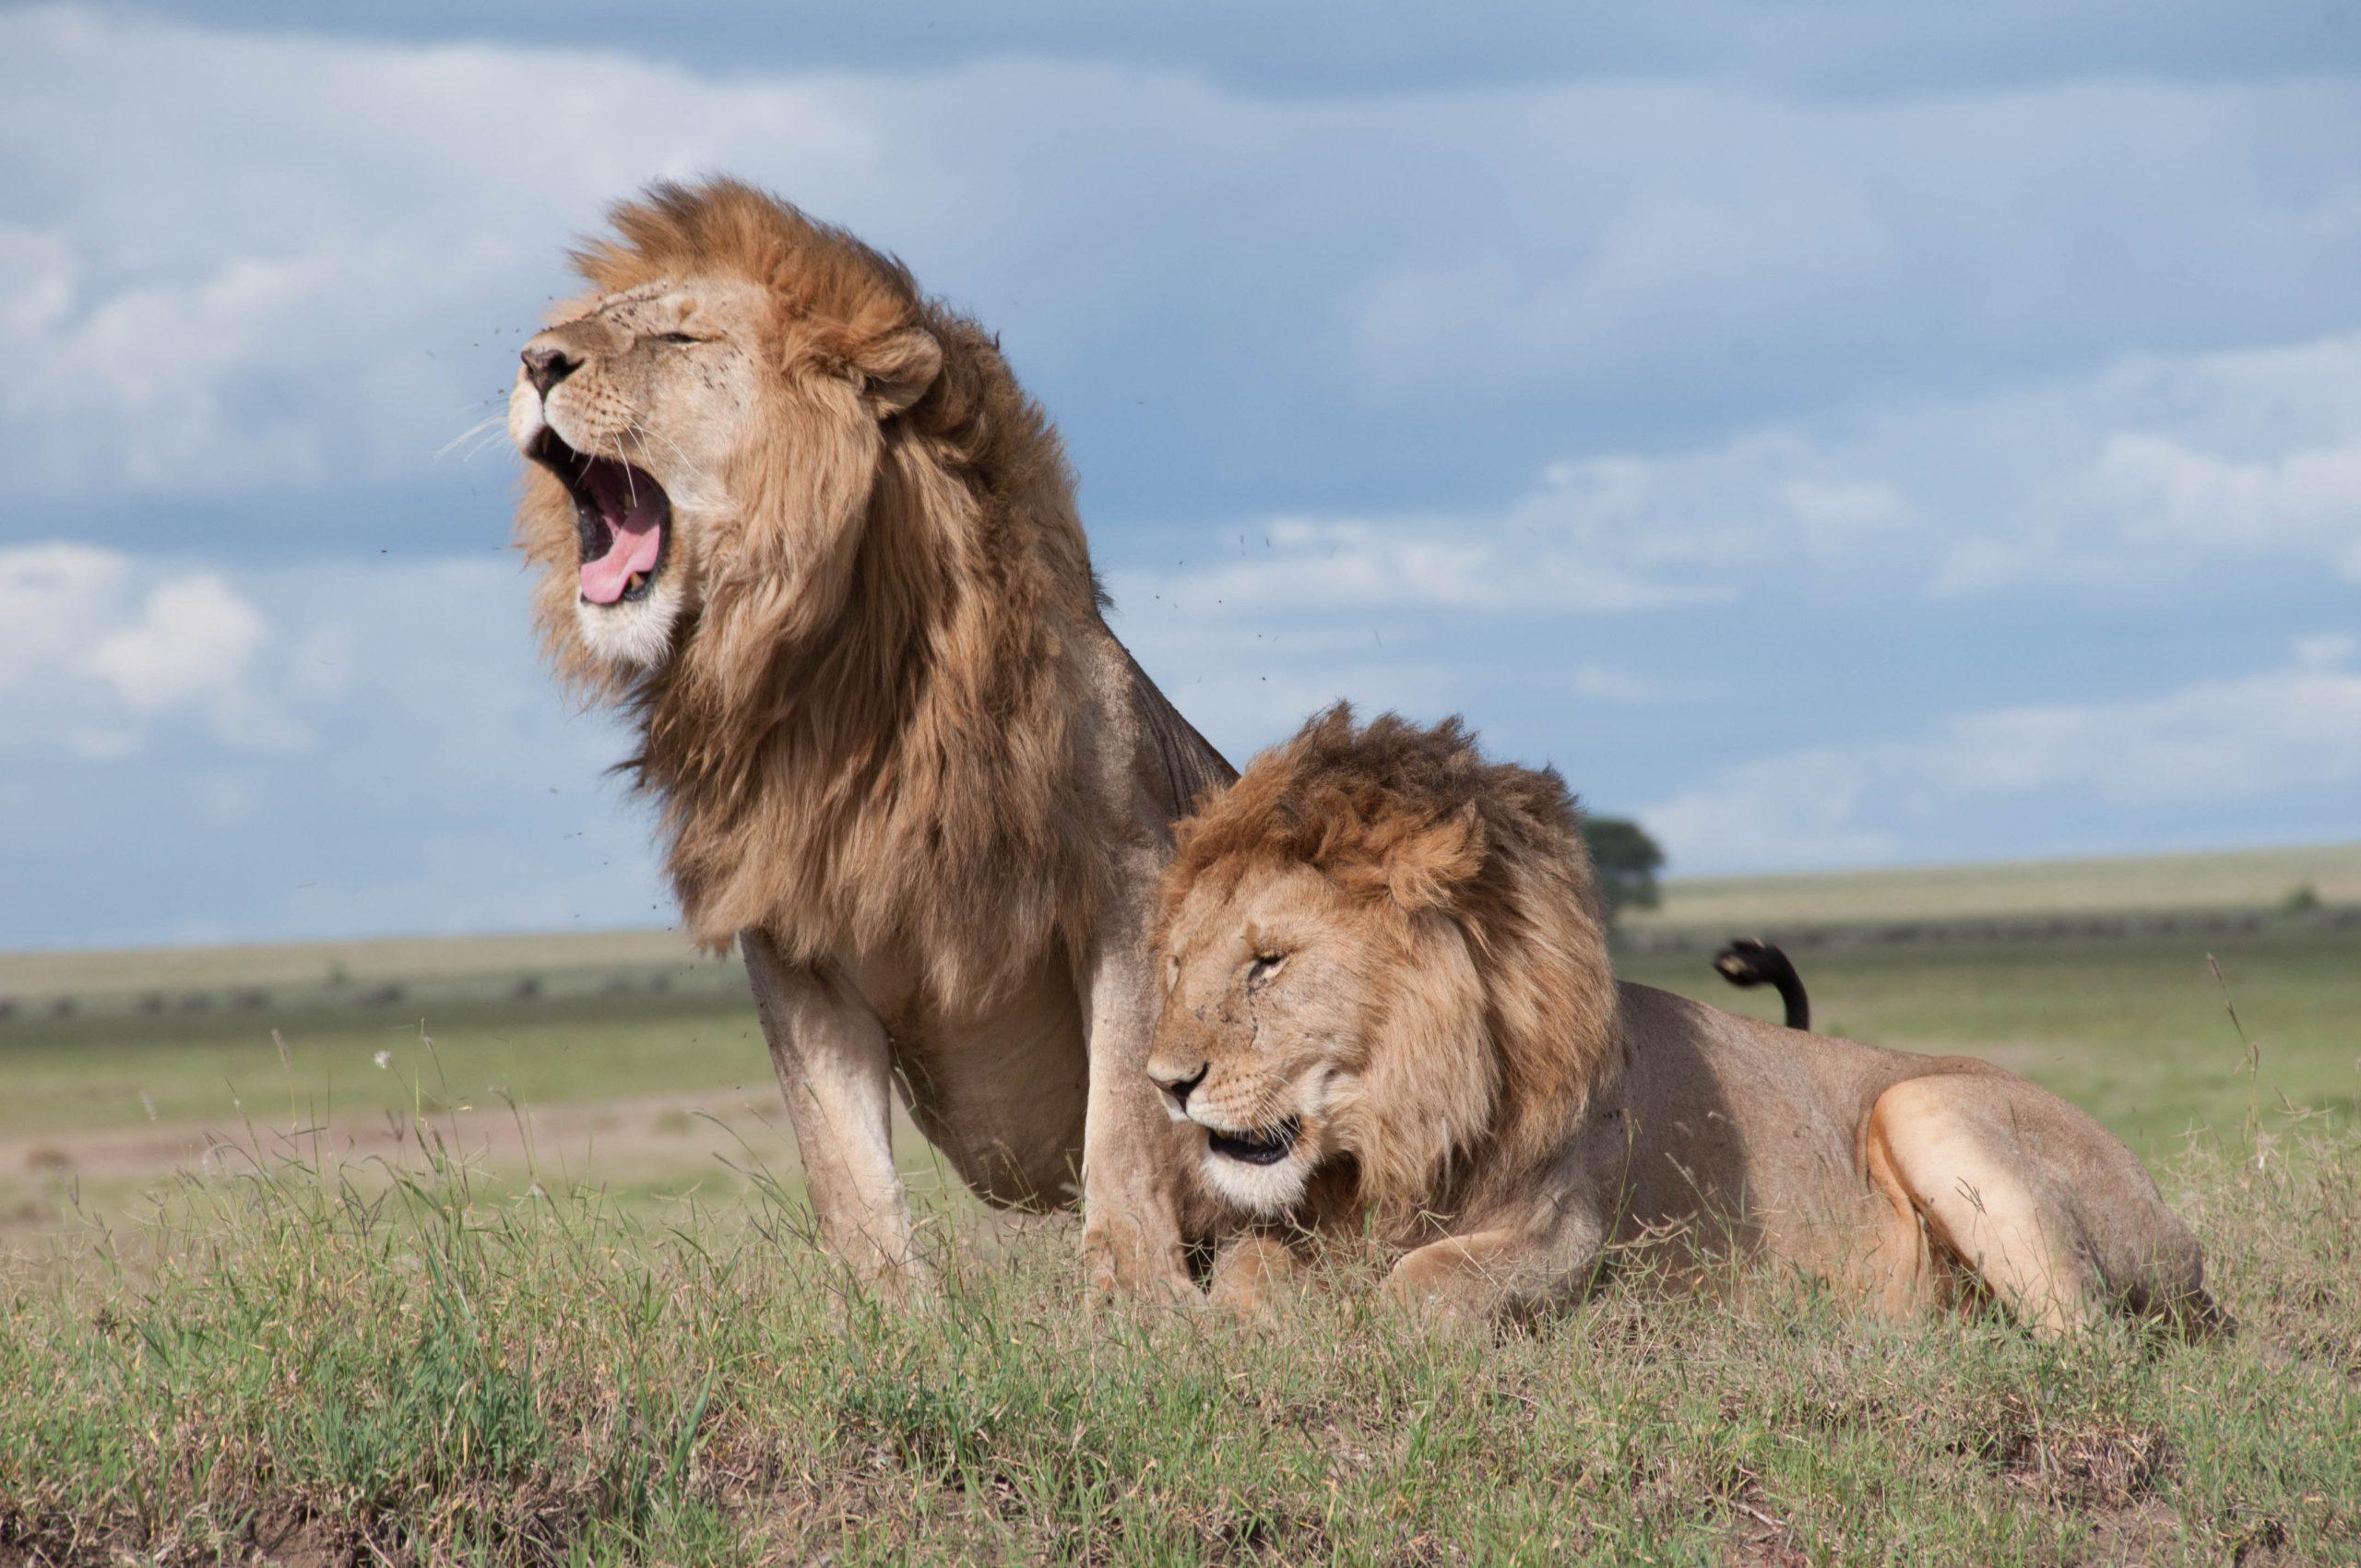 Los 10 Animales más PELIGROSOS del Mundo